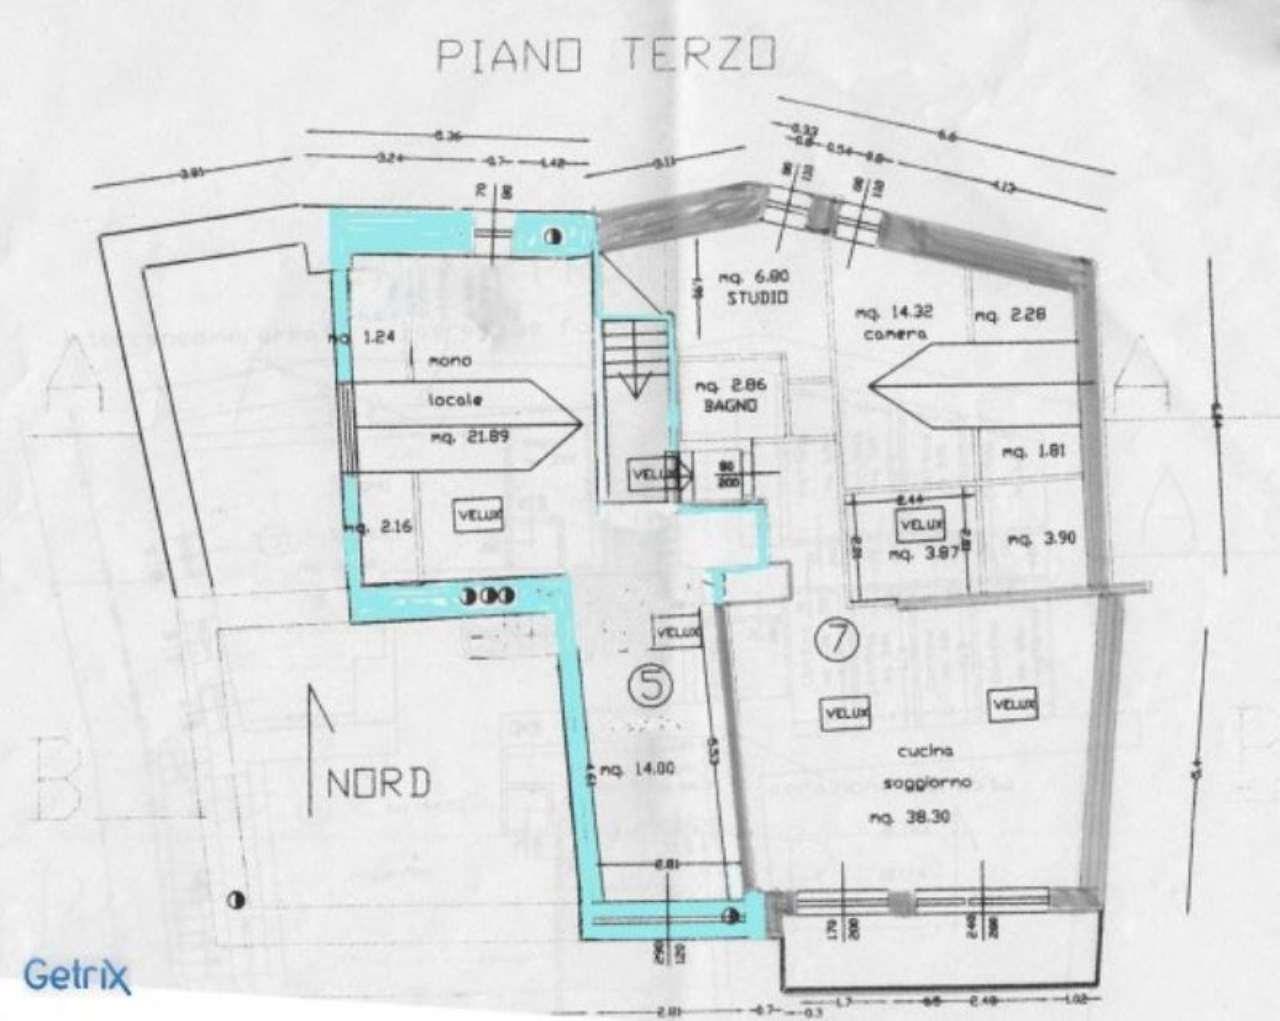 La Salle Vendita ATTICO Immagine 1